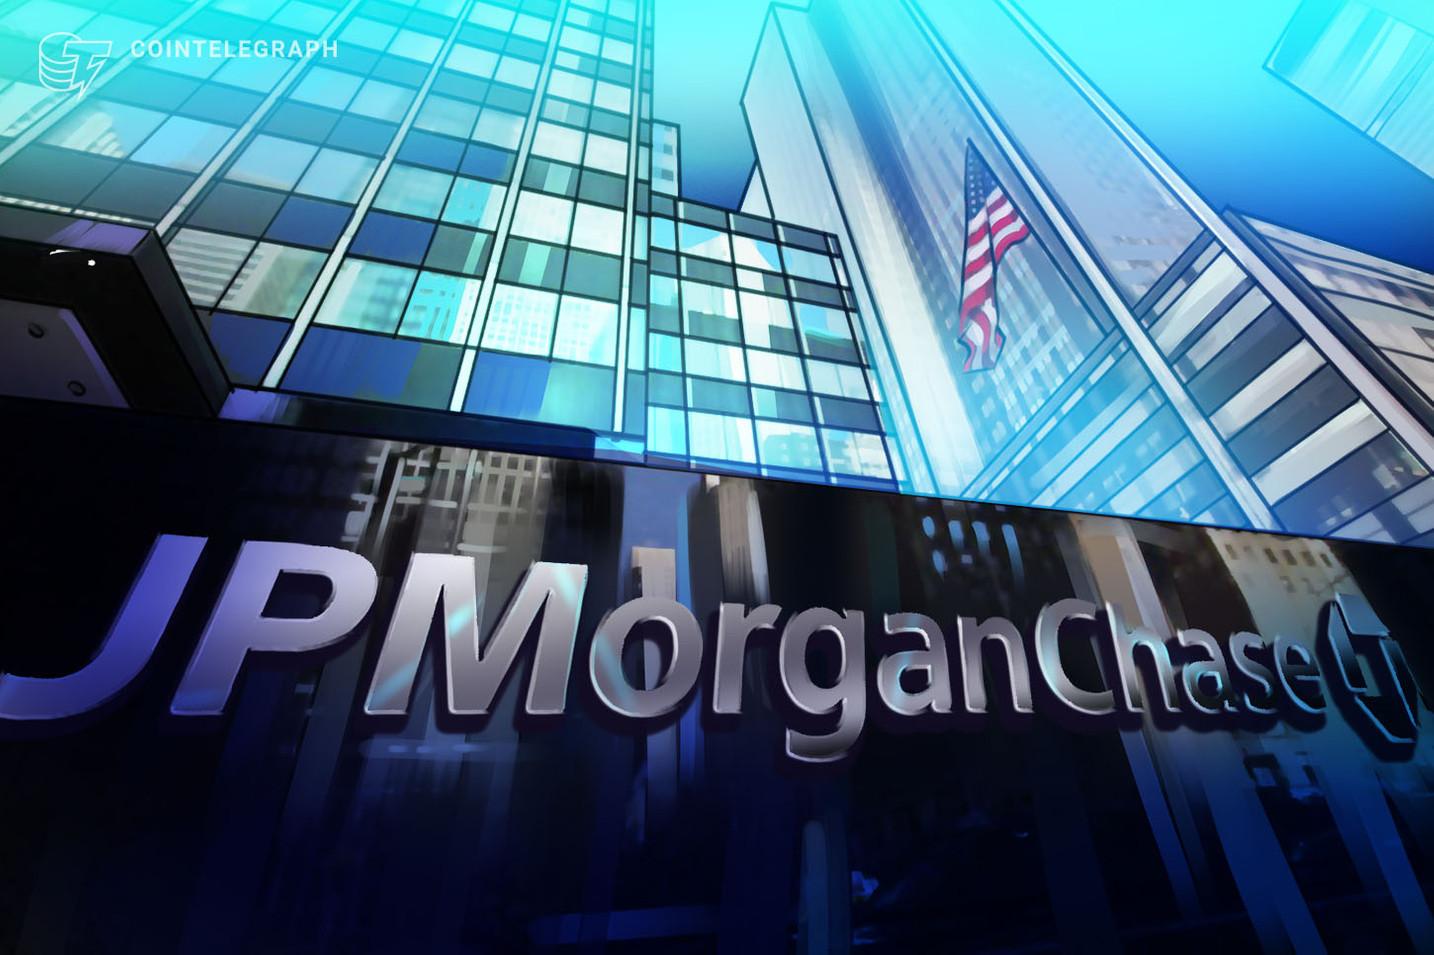 """Ejecutivo de JPMorgan: """"Postura más suave sobre Bitcoin, pero siempre hemos sido pro-blockchain"""""""